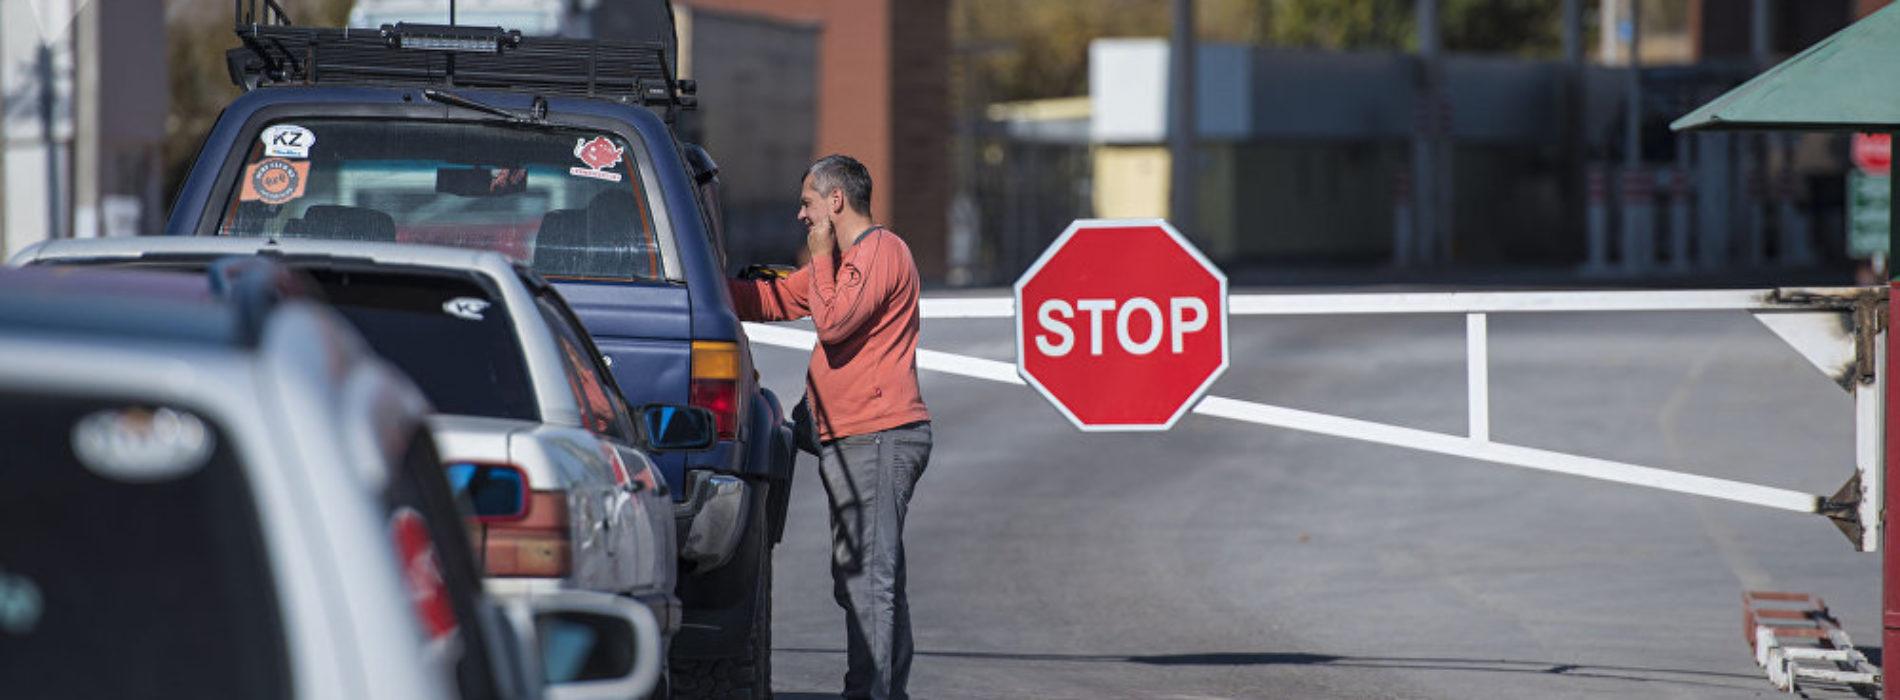 На что жалуются иностранцы, пересекая границу Казахстана